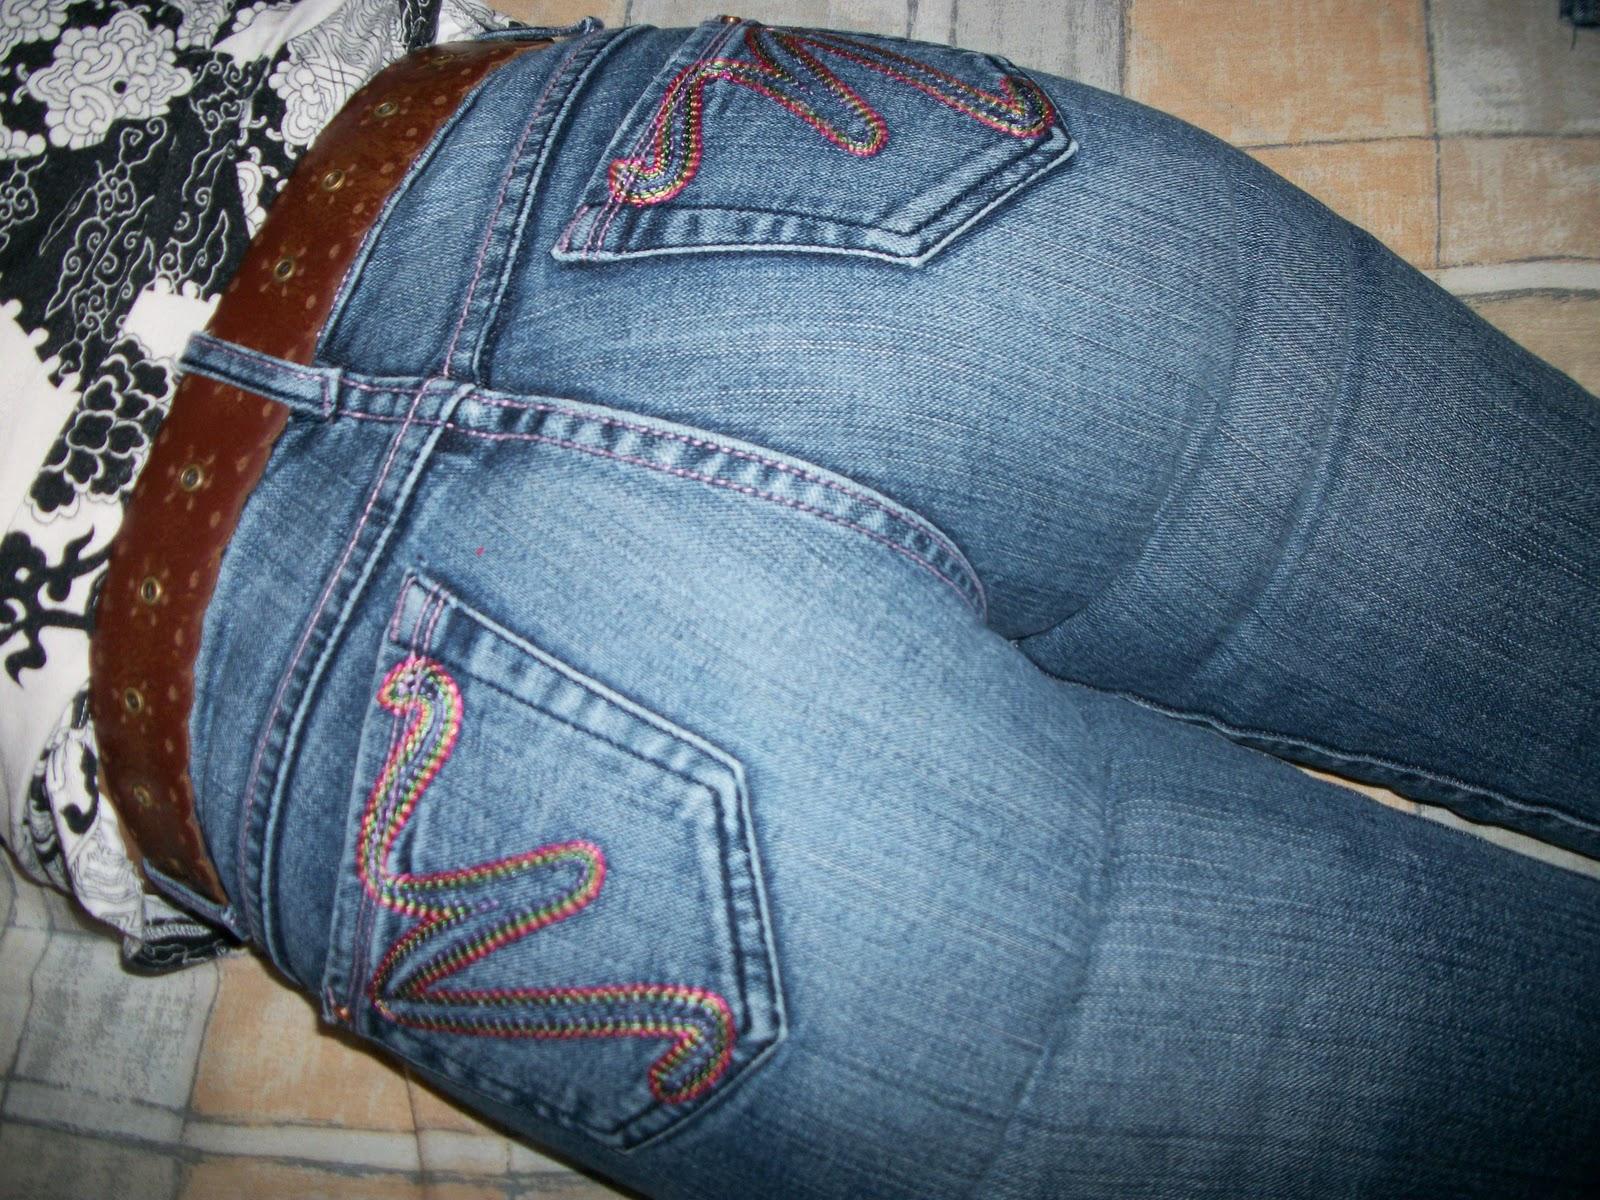 http://2.bp.blogspot.com/_RyOwqTQsHEc/TR2eBlmO-uI/AAAAAAAAAGQ/N03X2yDpU8I/s1600/405.JPG